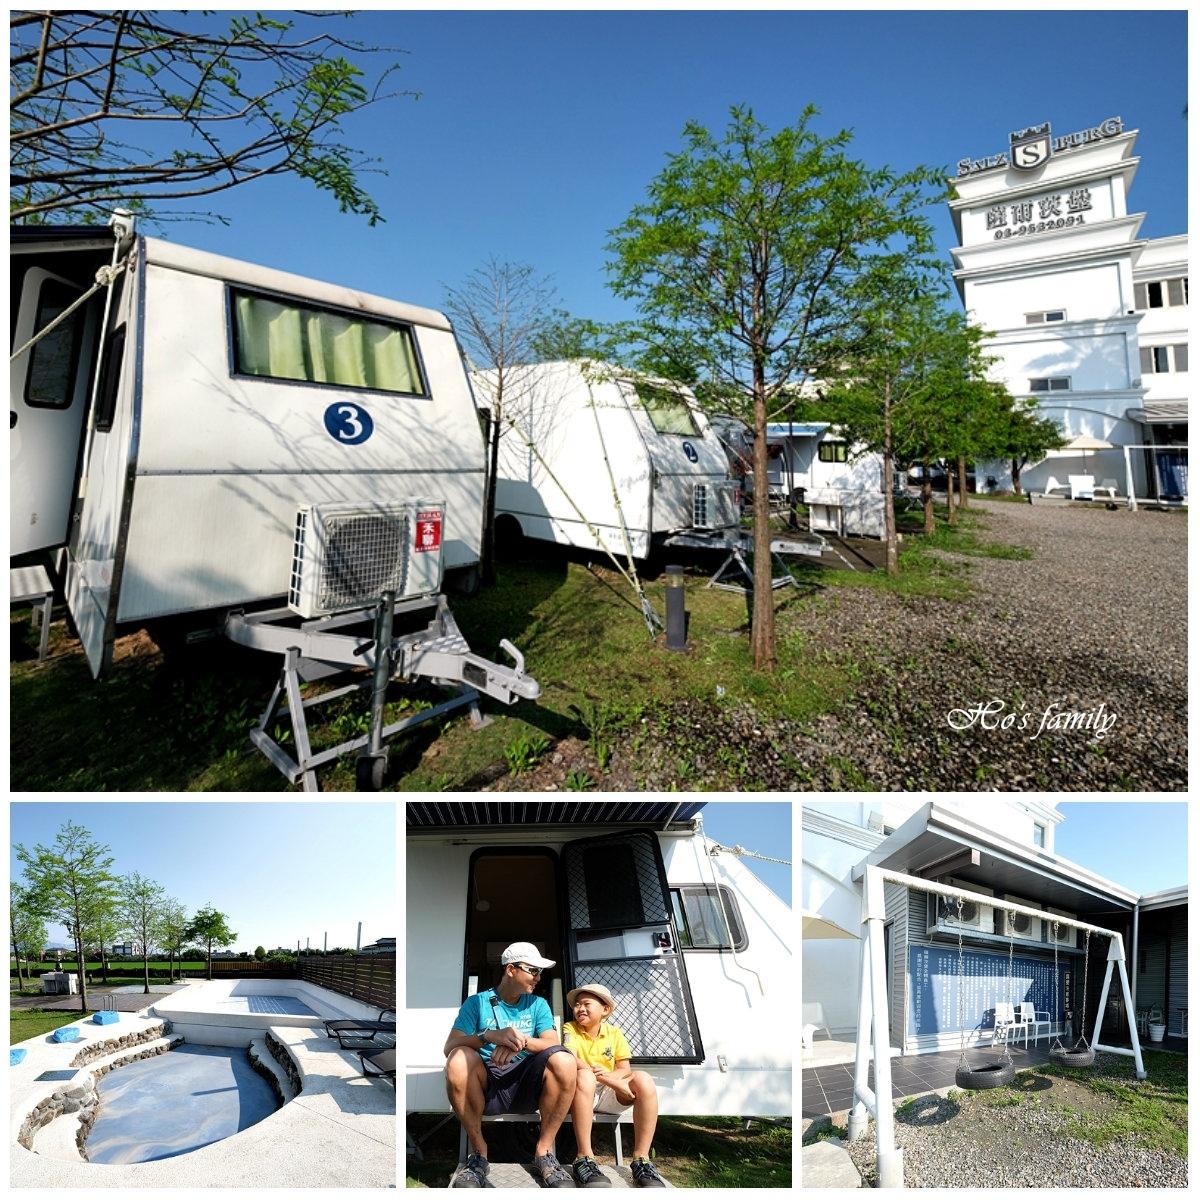 【羅東夜市民宿】薩爾茨堡渡假莊園露營車.jpg